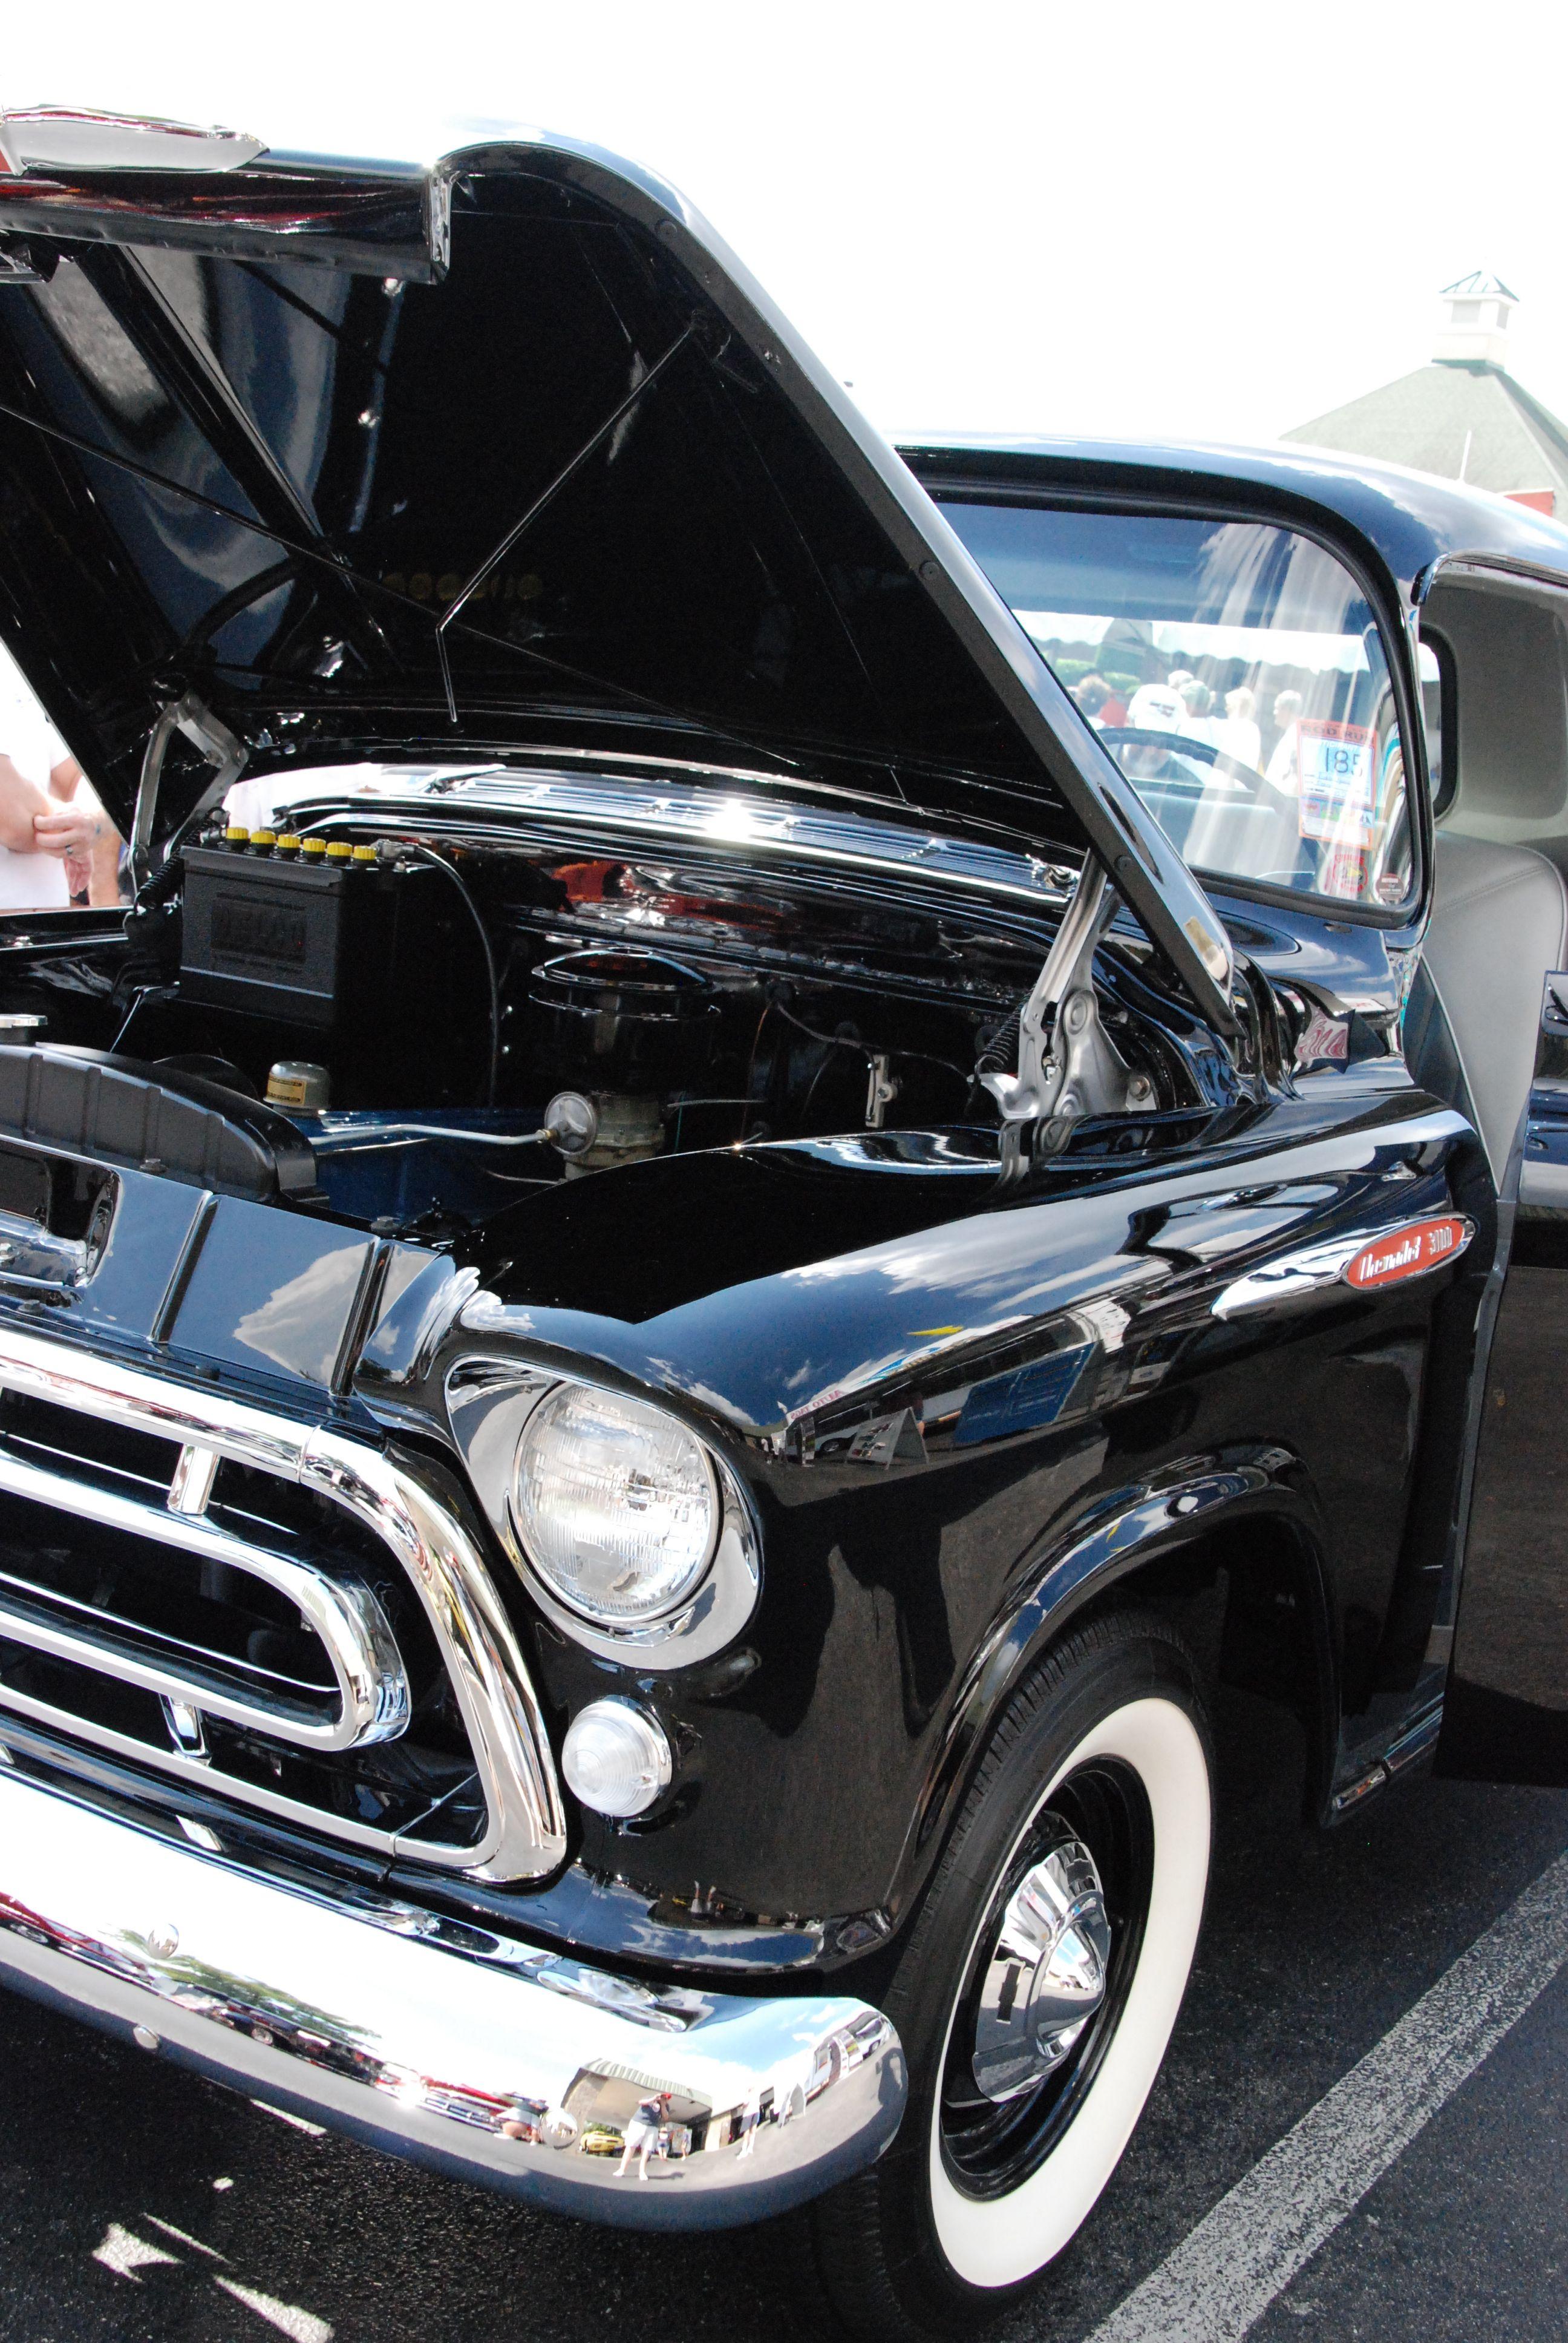 1956 Chevrolet Pickup Photo By Matt Jury Chevrolet Pickup